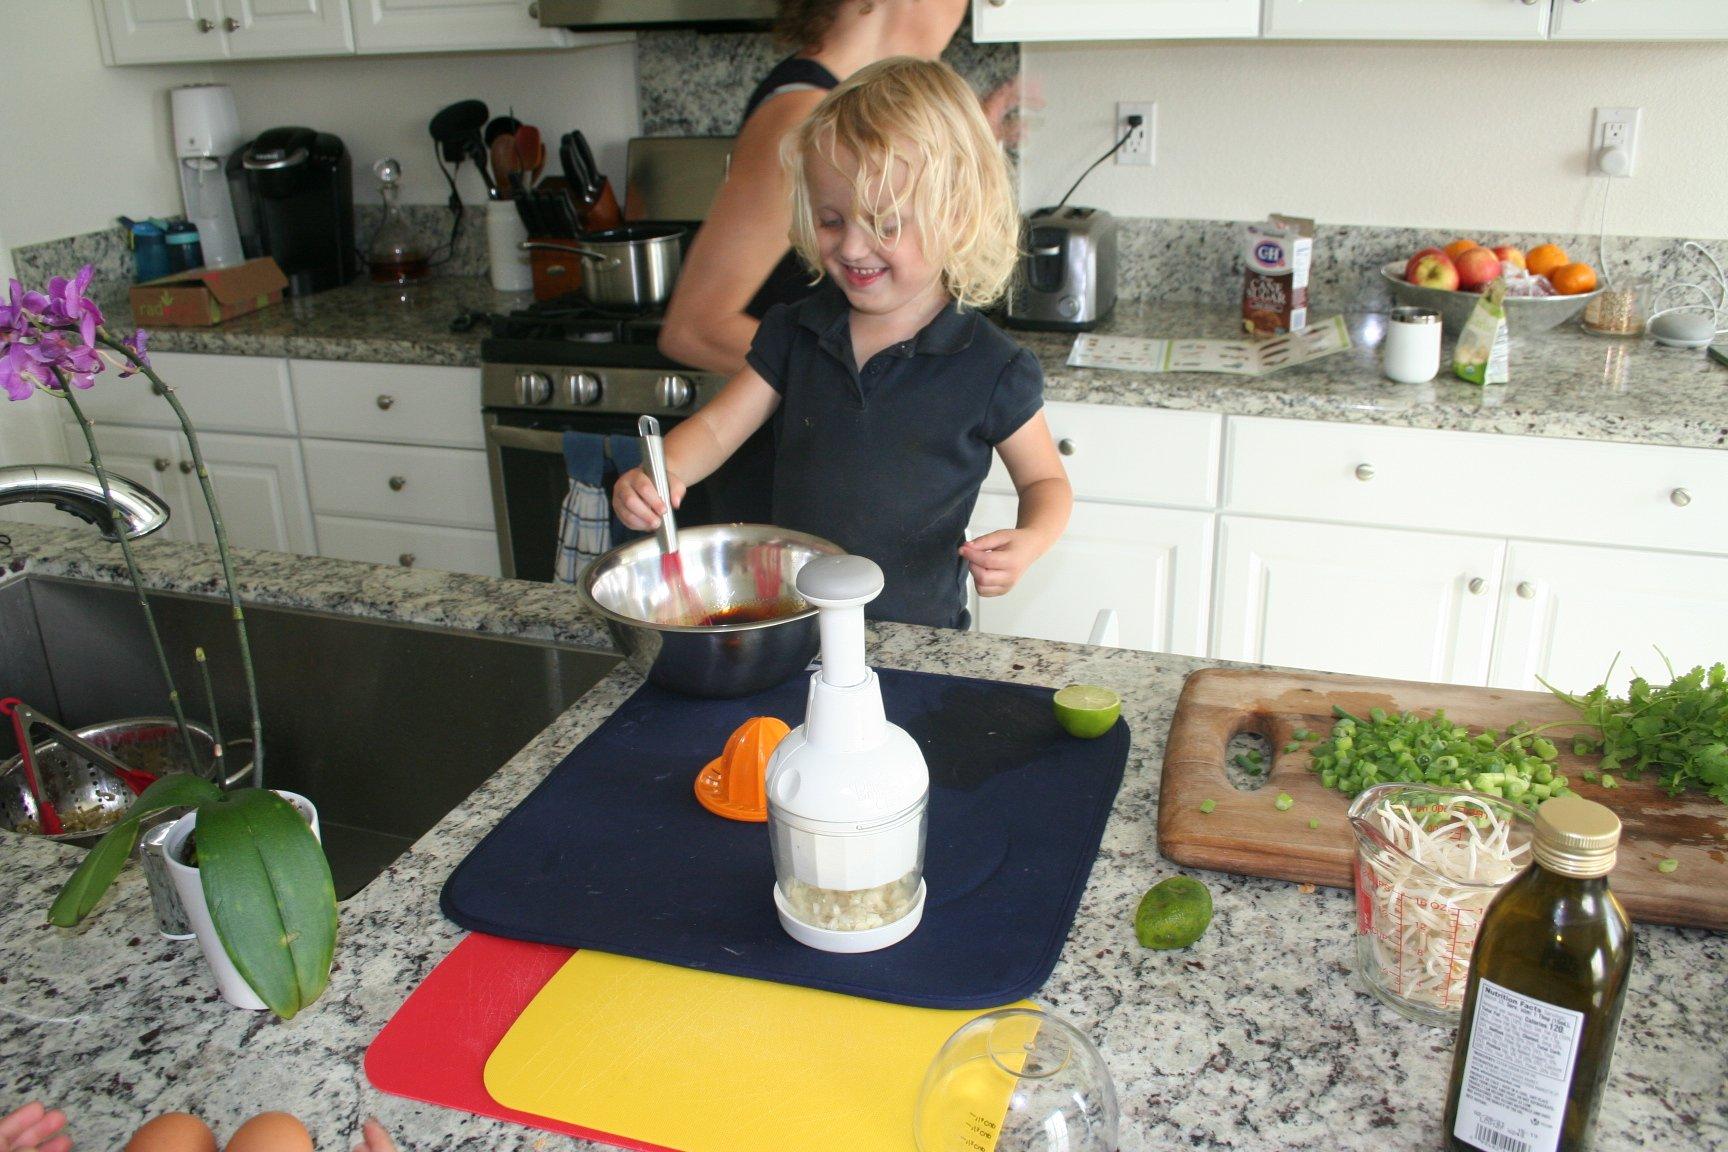 raddish kids kids review, kids kitchen, kids subscription box, kits for kids,